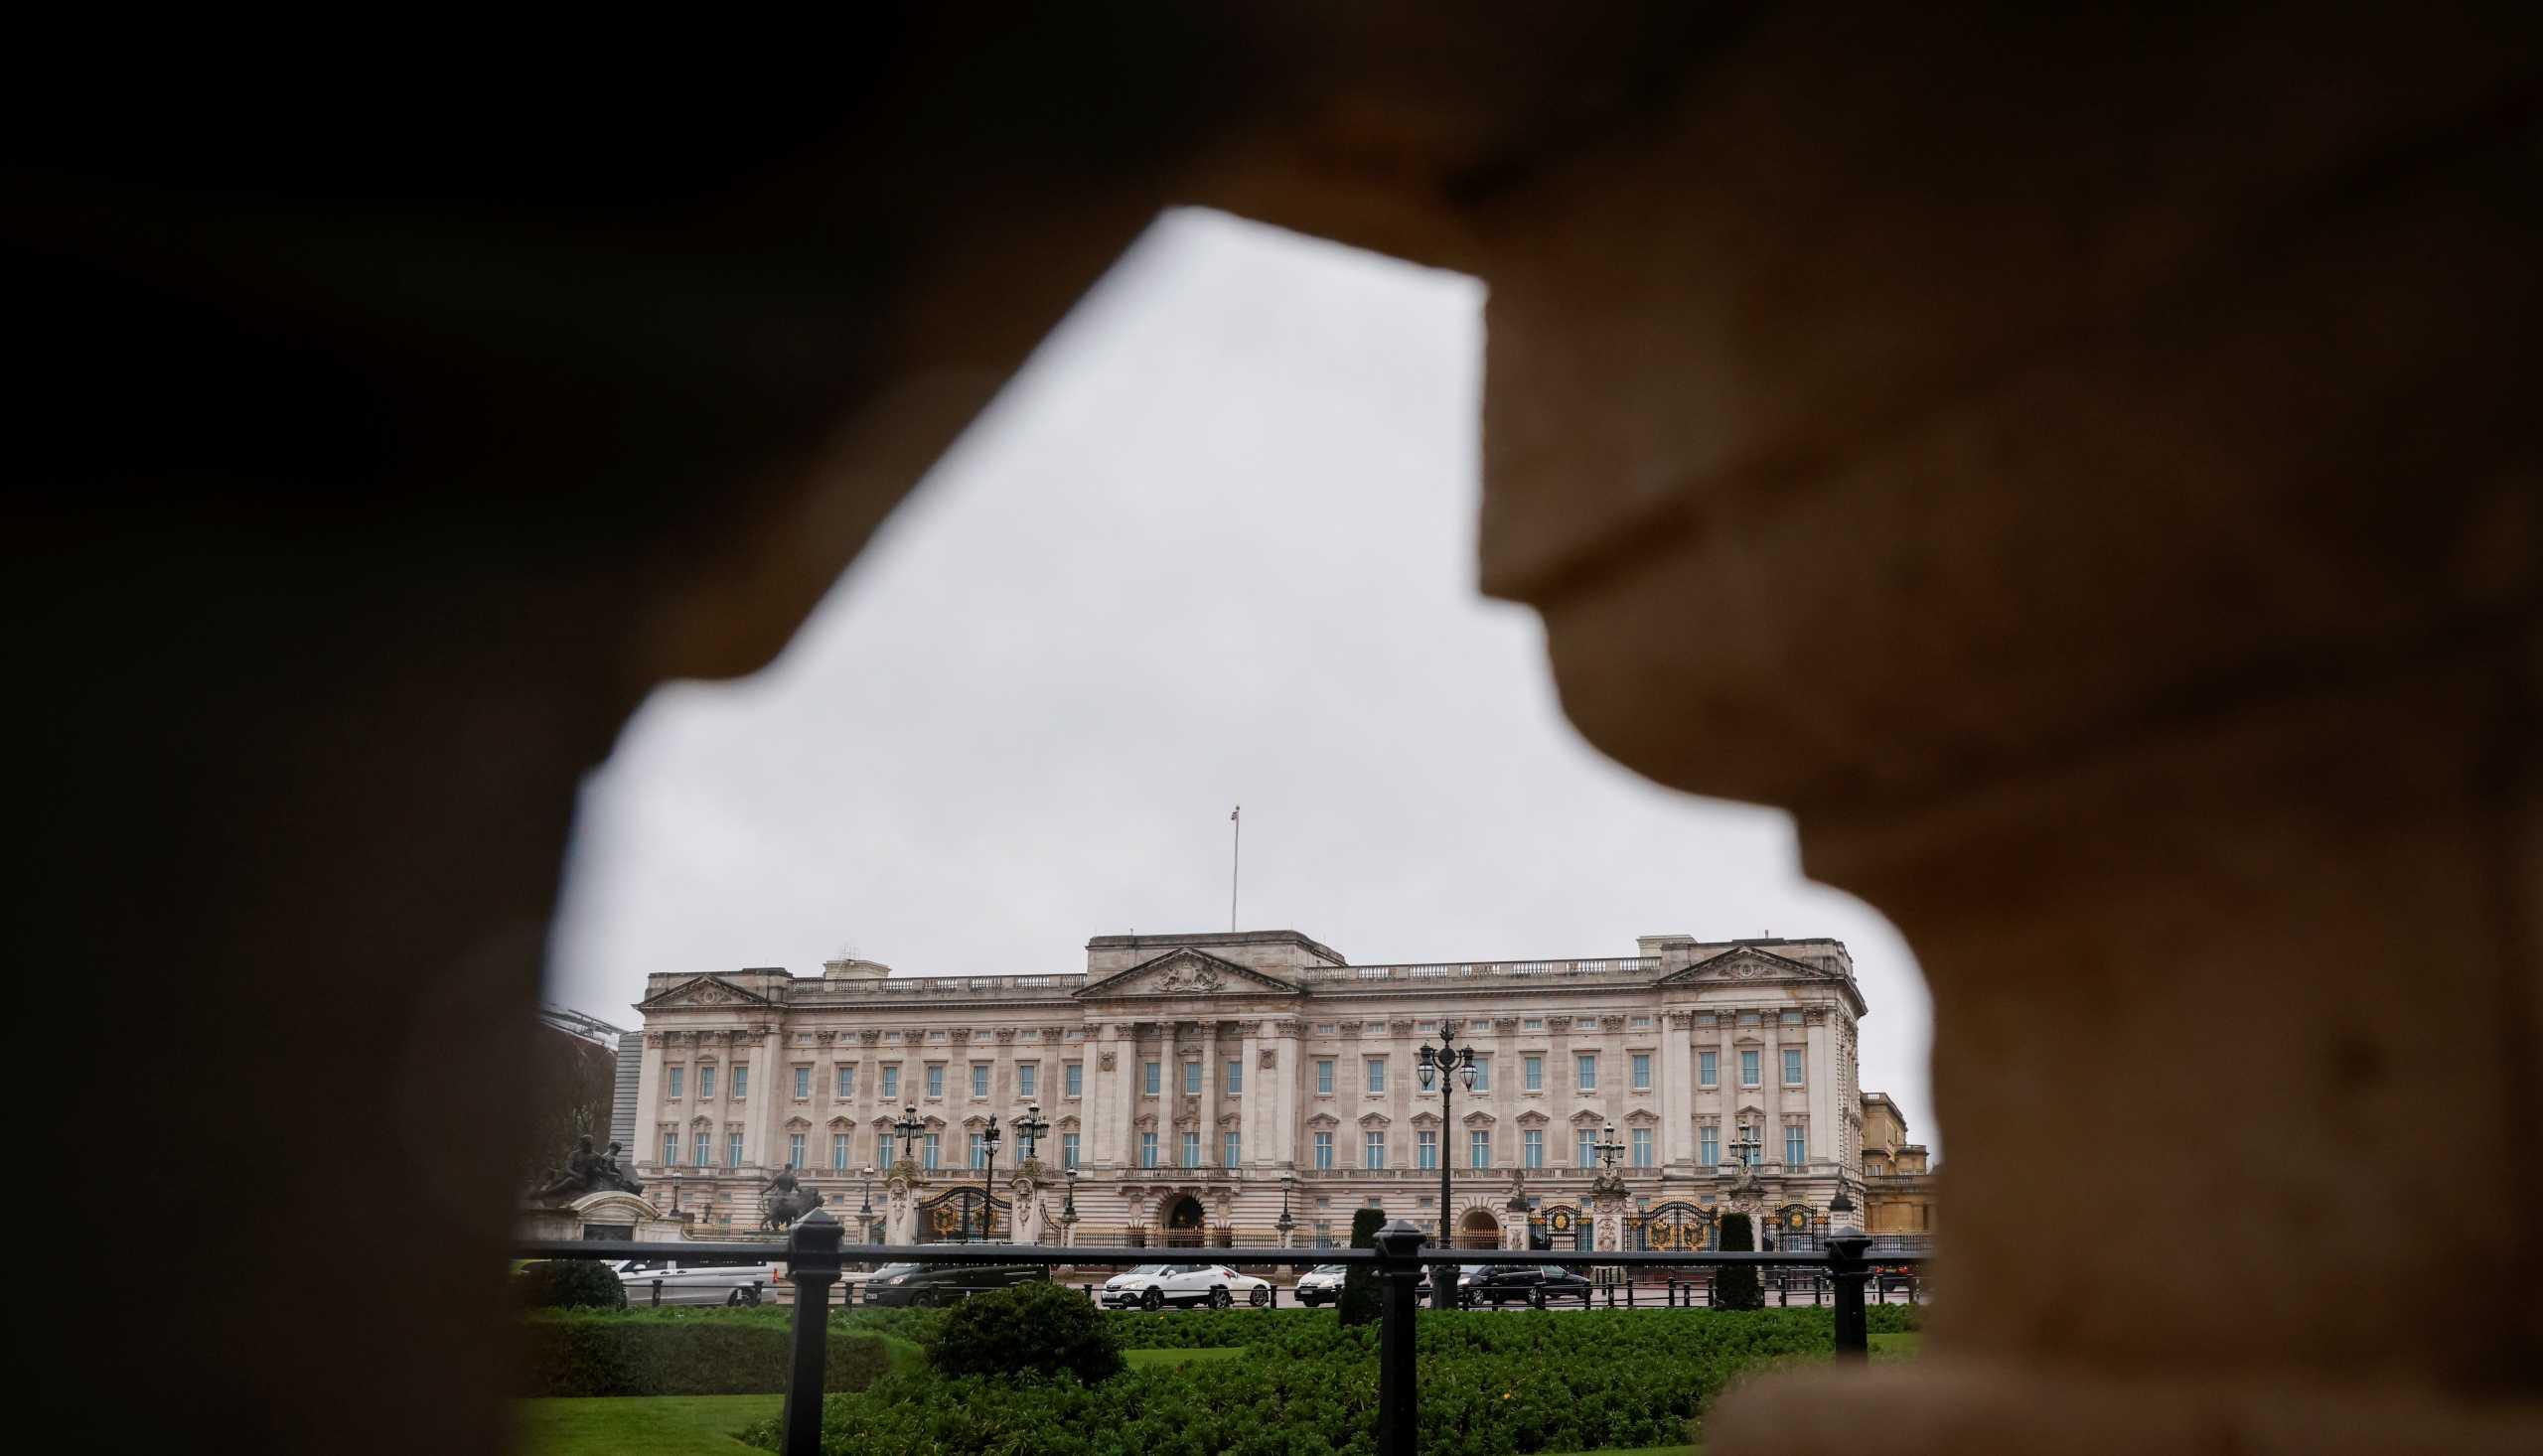 Δραστικά μέτρα από την Βασίλισσα Ελισάβετ: Η διαταγή και ο κλάδος ελαίας